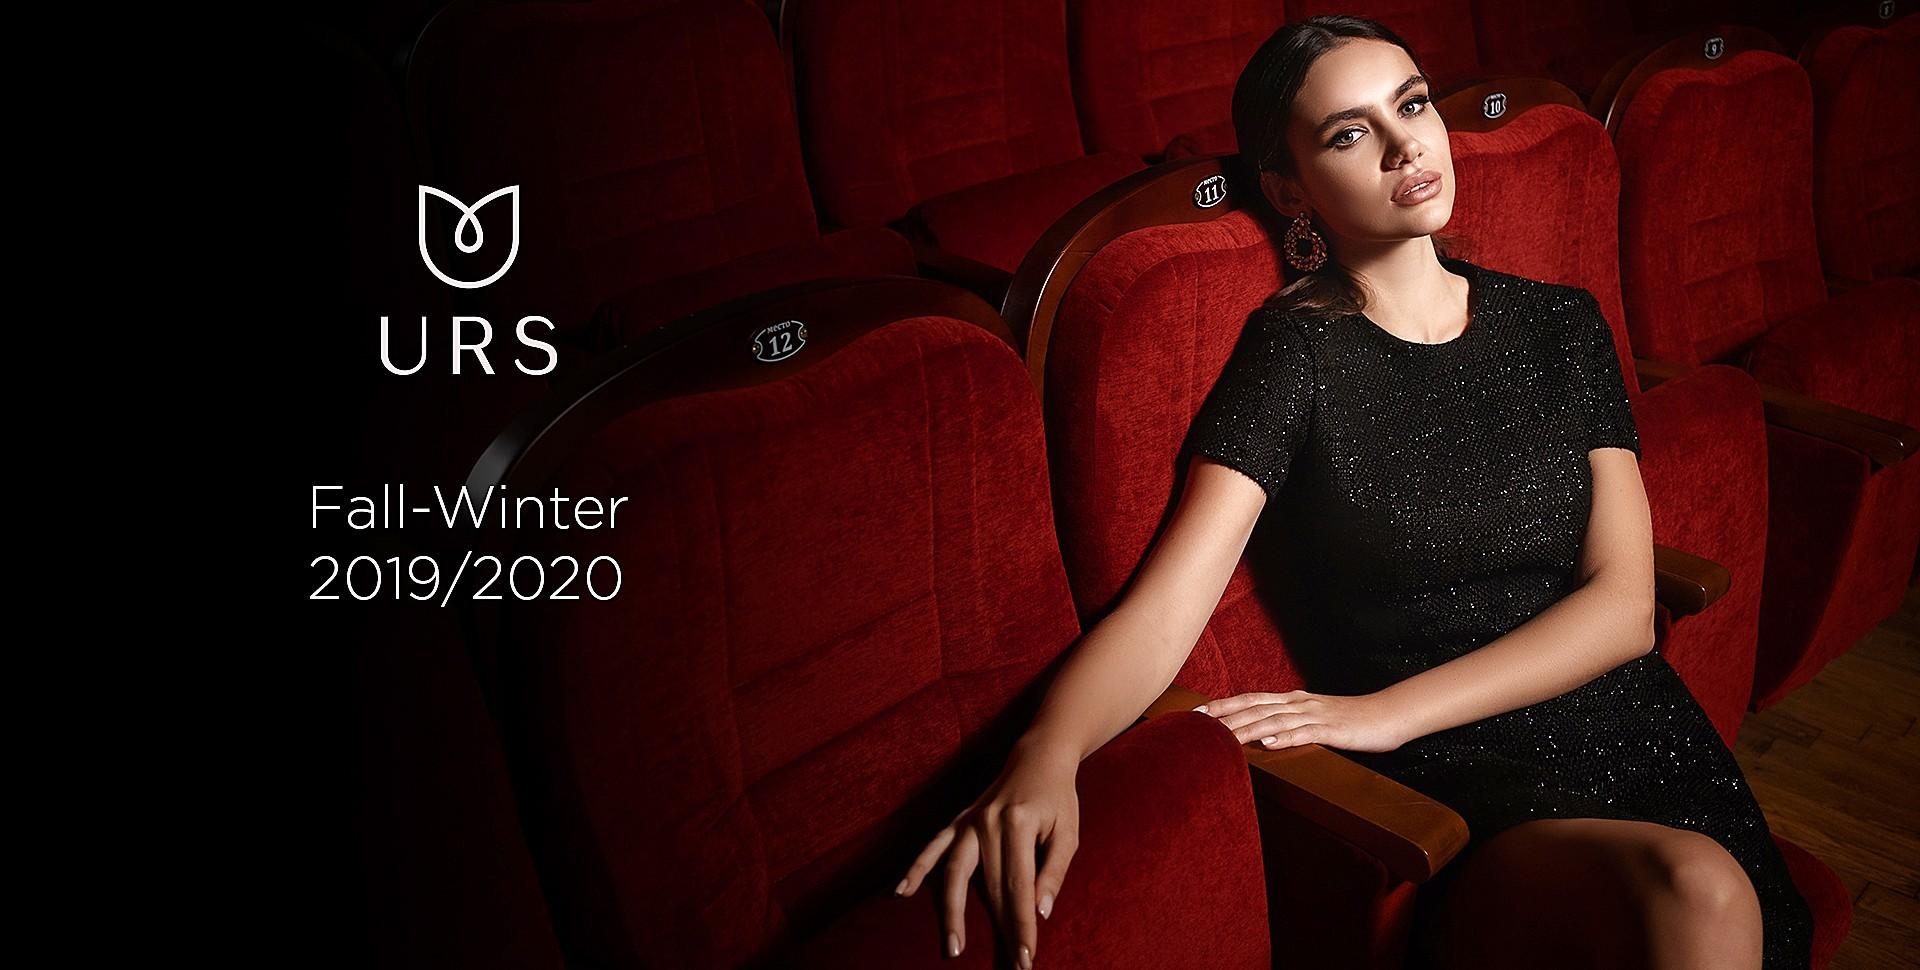 Коллекция Осень-Зима 2019 - 2020 от ЮРС 2